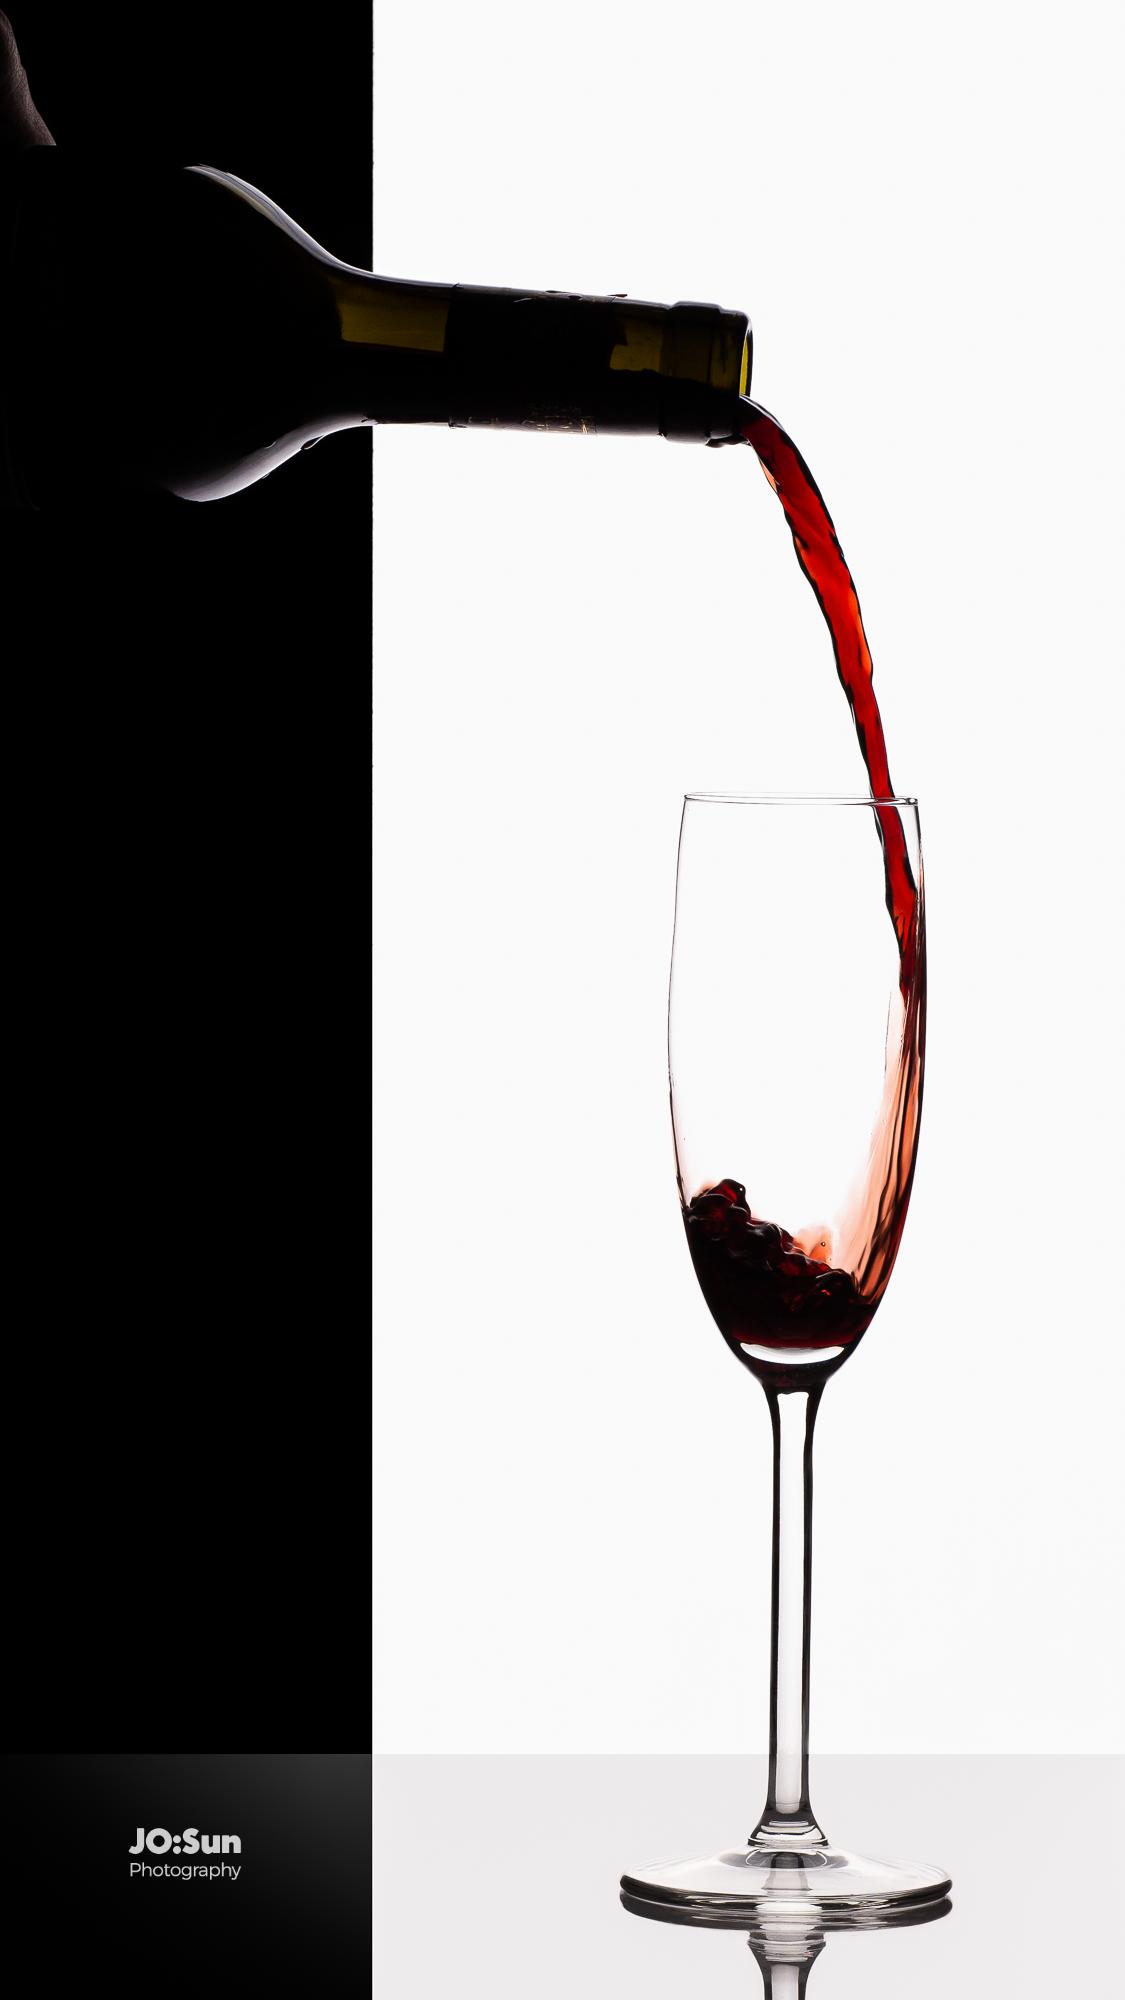 fotografia produktowa wino w kieliszku